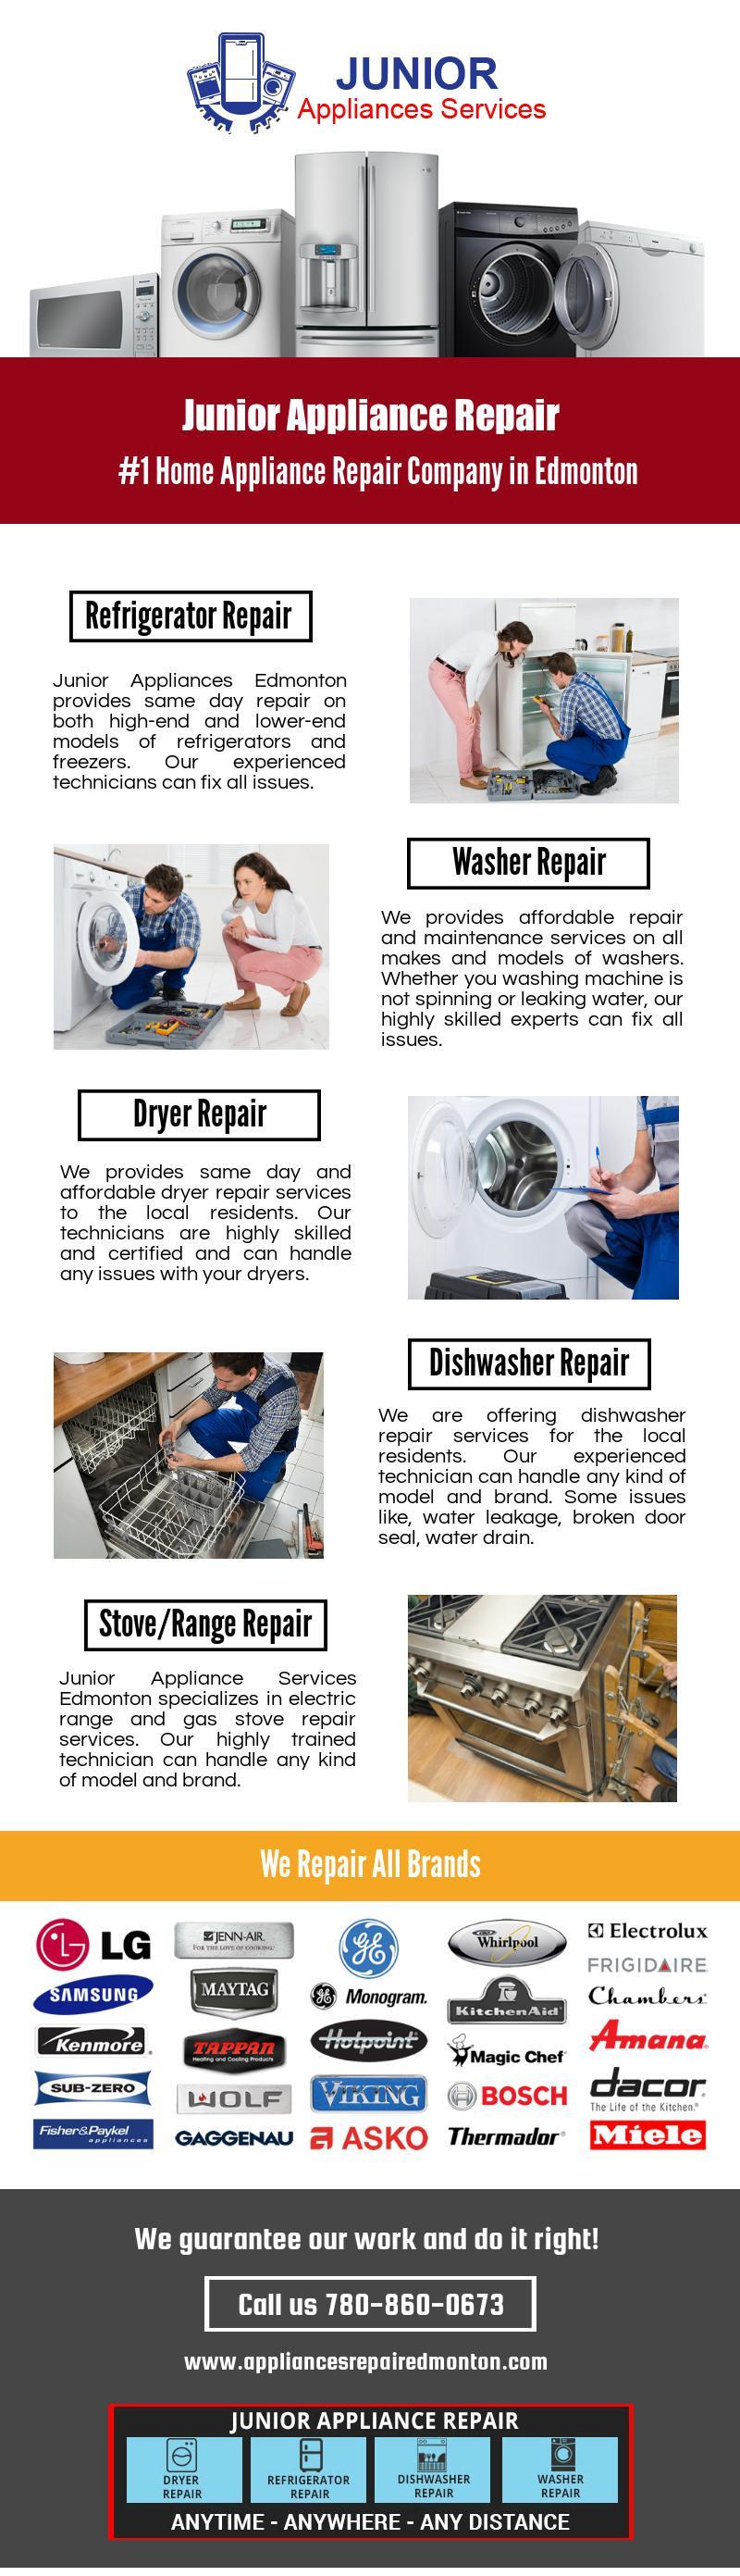 Junior Appliance Repair Services In Edmonton Appliance Repair Appliance Repair Service Washer Repair